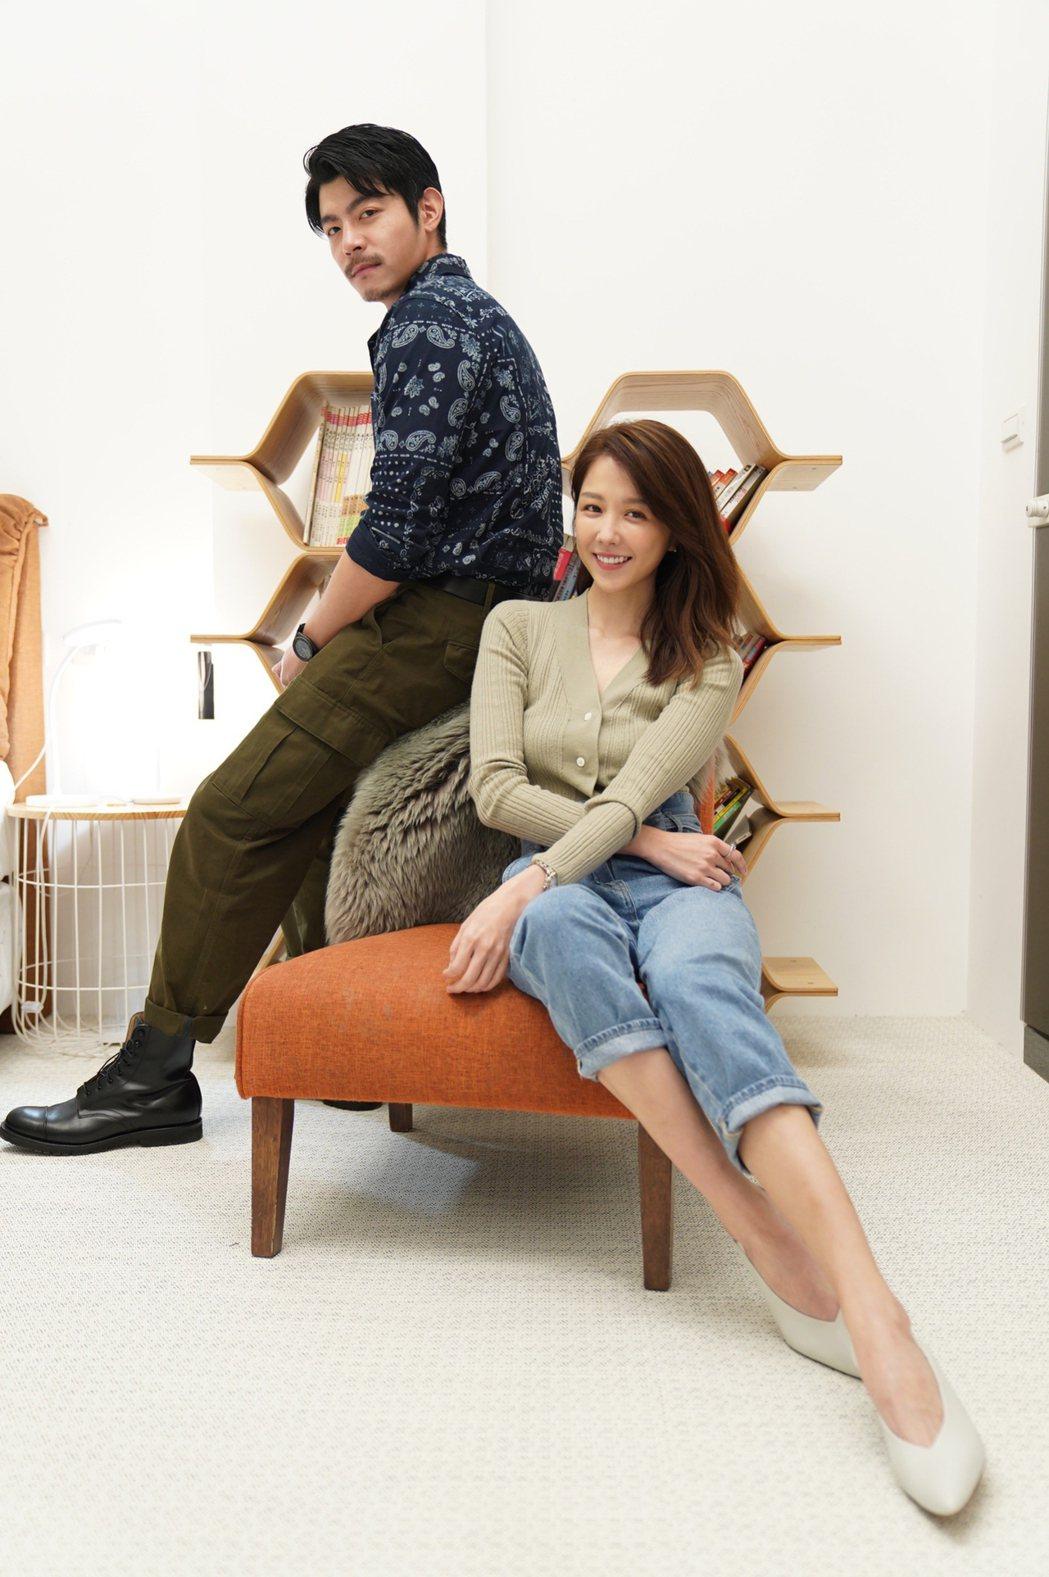 王柏傑(左)、邵雨薇演出「比悲傷更悲傷的故事」影集。圖/滿滿額娛樂提供